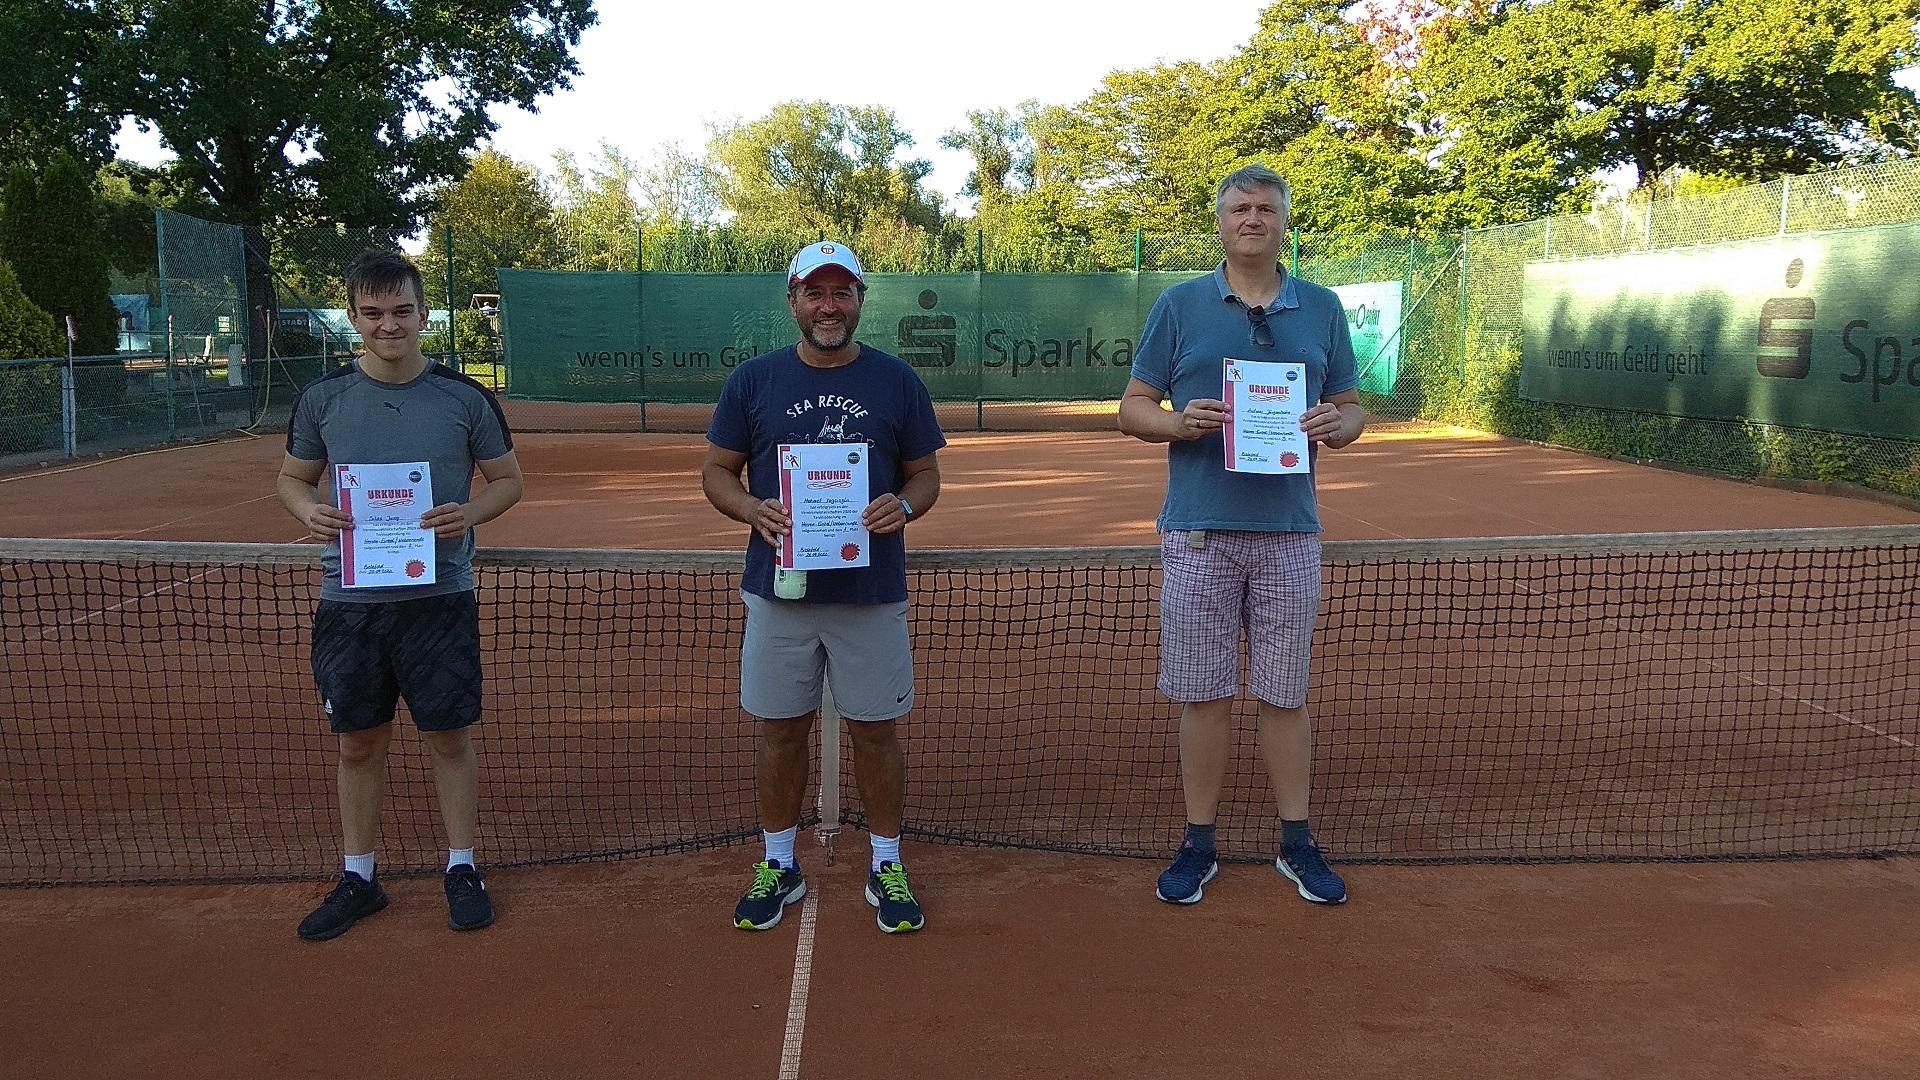 telekom-post-sv-bielefeld-tennisabteilung-vereinsmeisterschaften-2020-sieger-herren-einzel-nebenrunde-hp